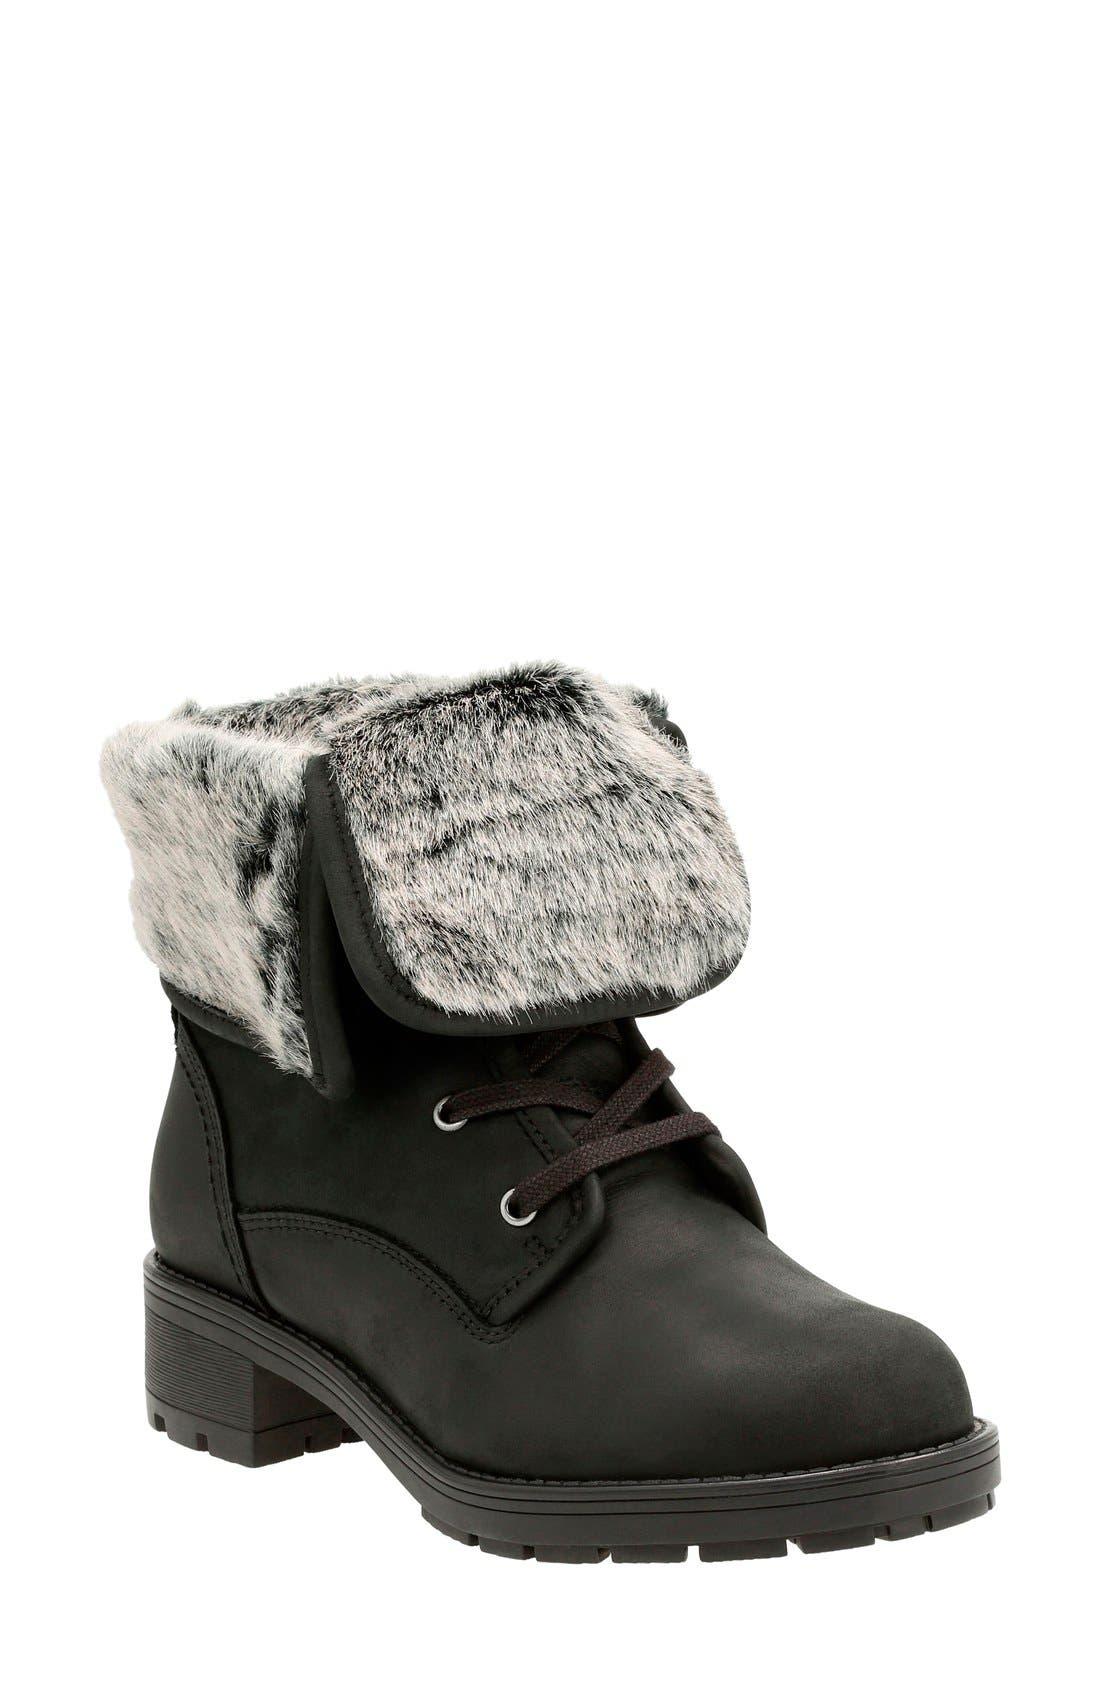 Clarks® 'Reunite Go' Waterproof Gore-Tex® Boot (Women)